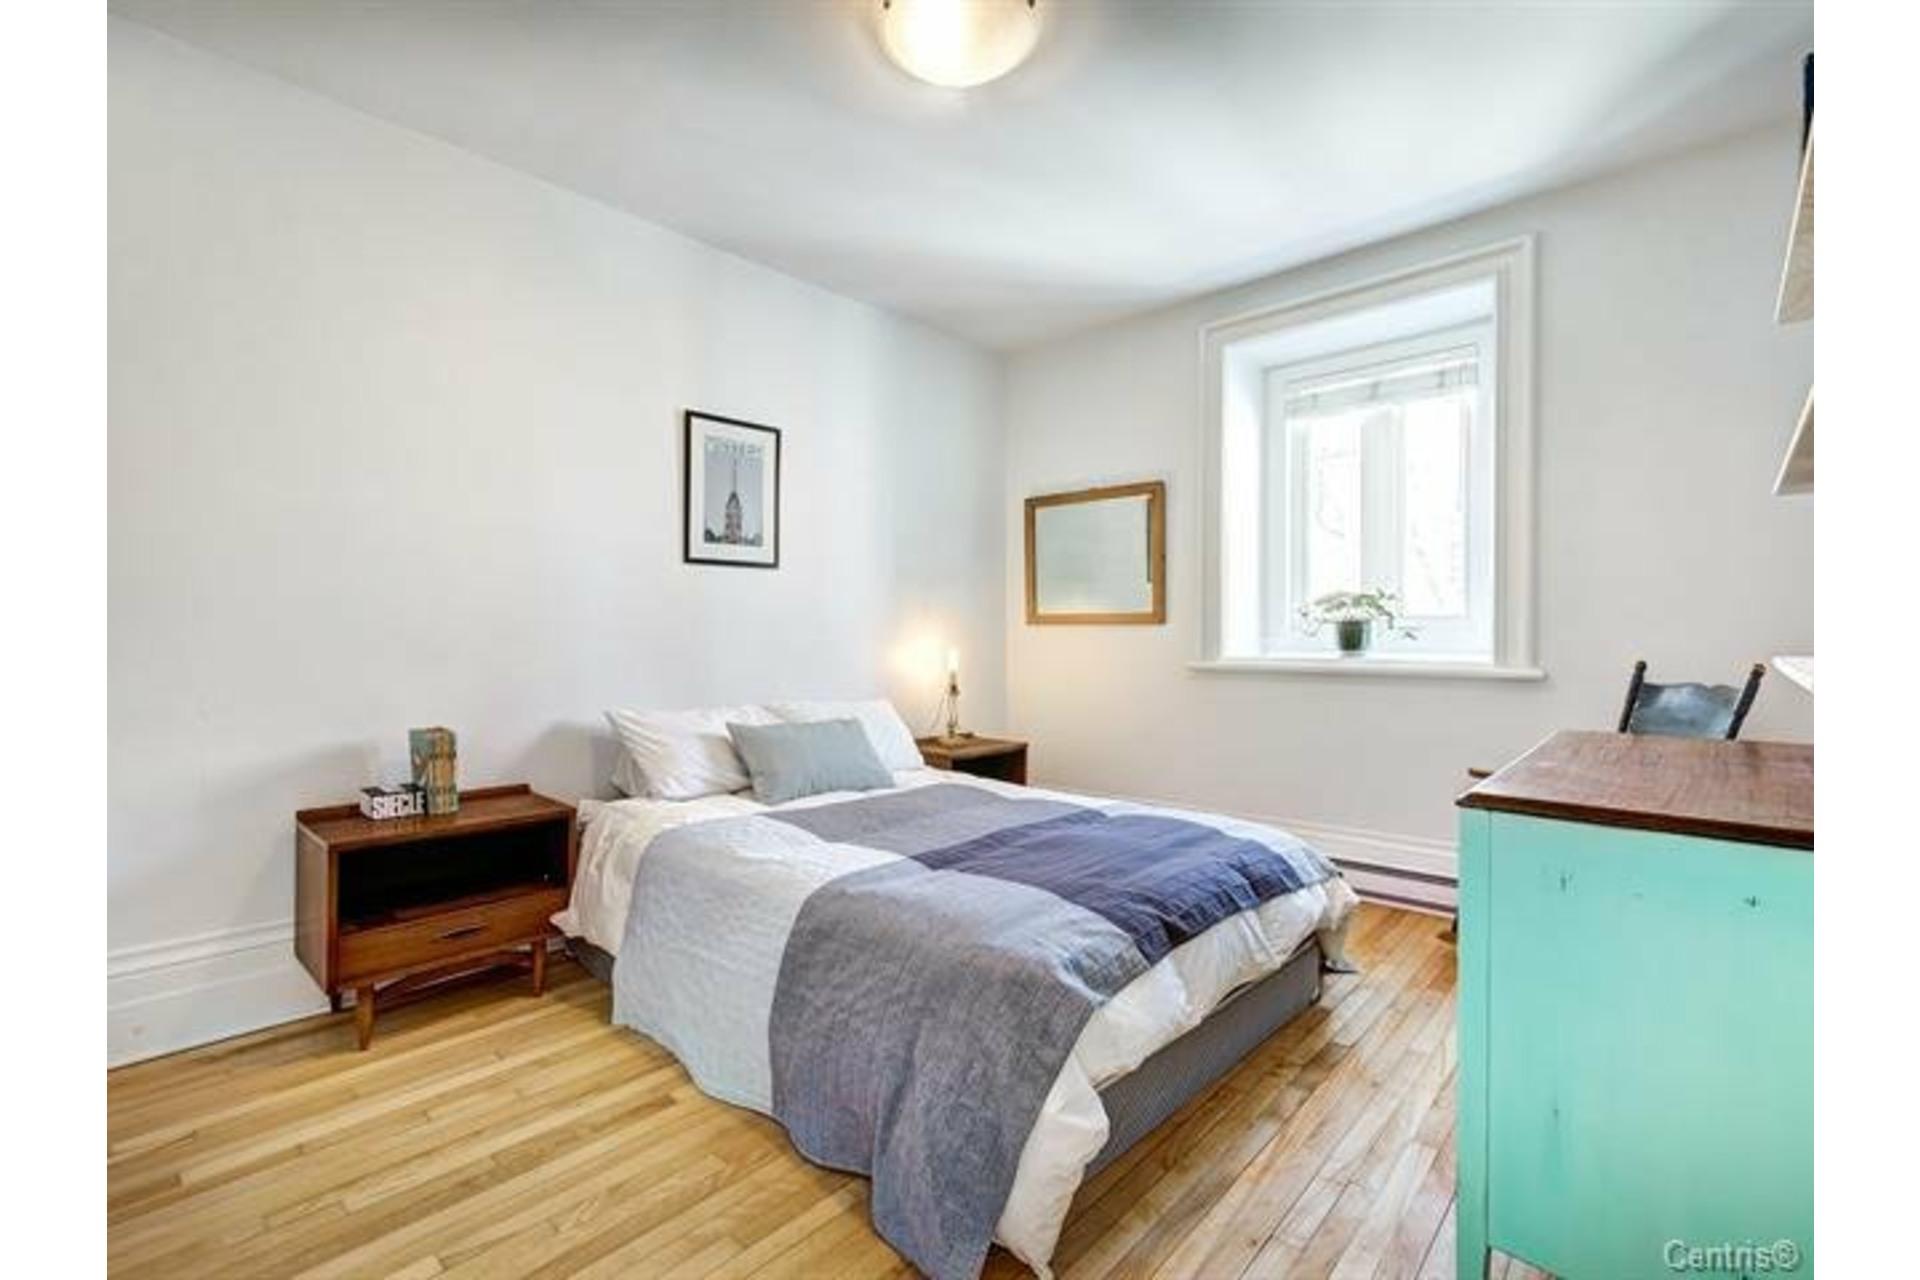 image 26 - Maison À vendre Le Plateau-Mont-Royal Montréal  - 6 pièces